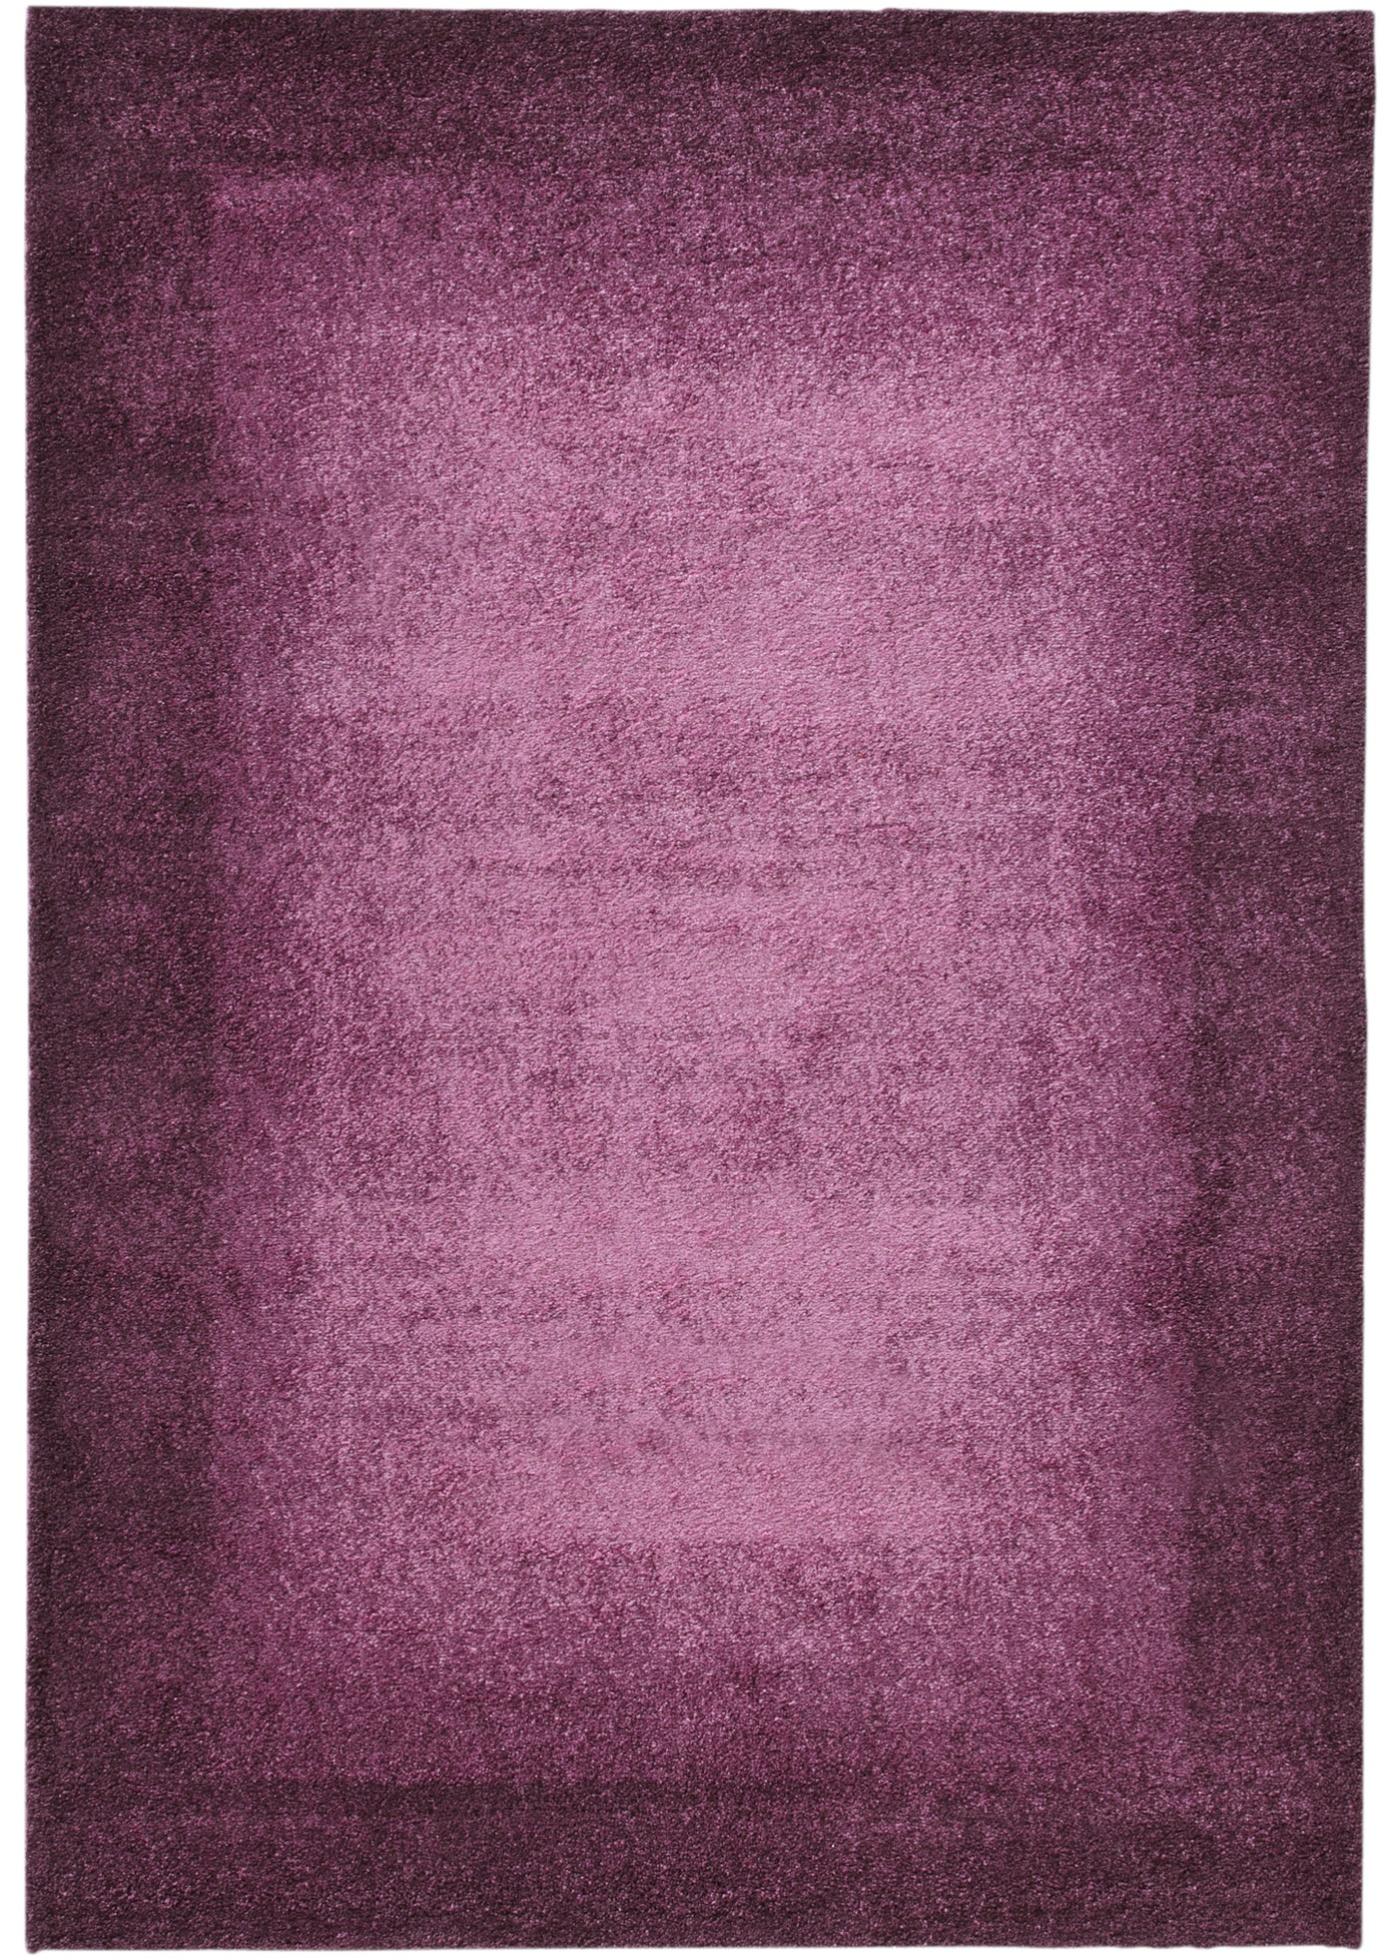 lila teppich 200 preisvergleich die besten angebote online kaufen. Black Bedroom Furniture Sets. Home Design Ideas